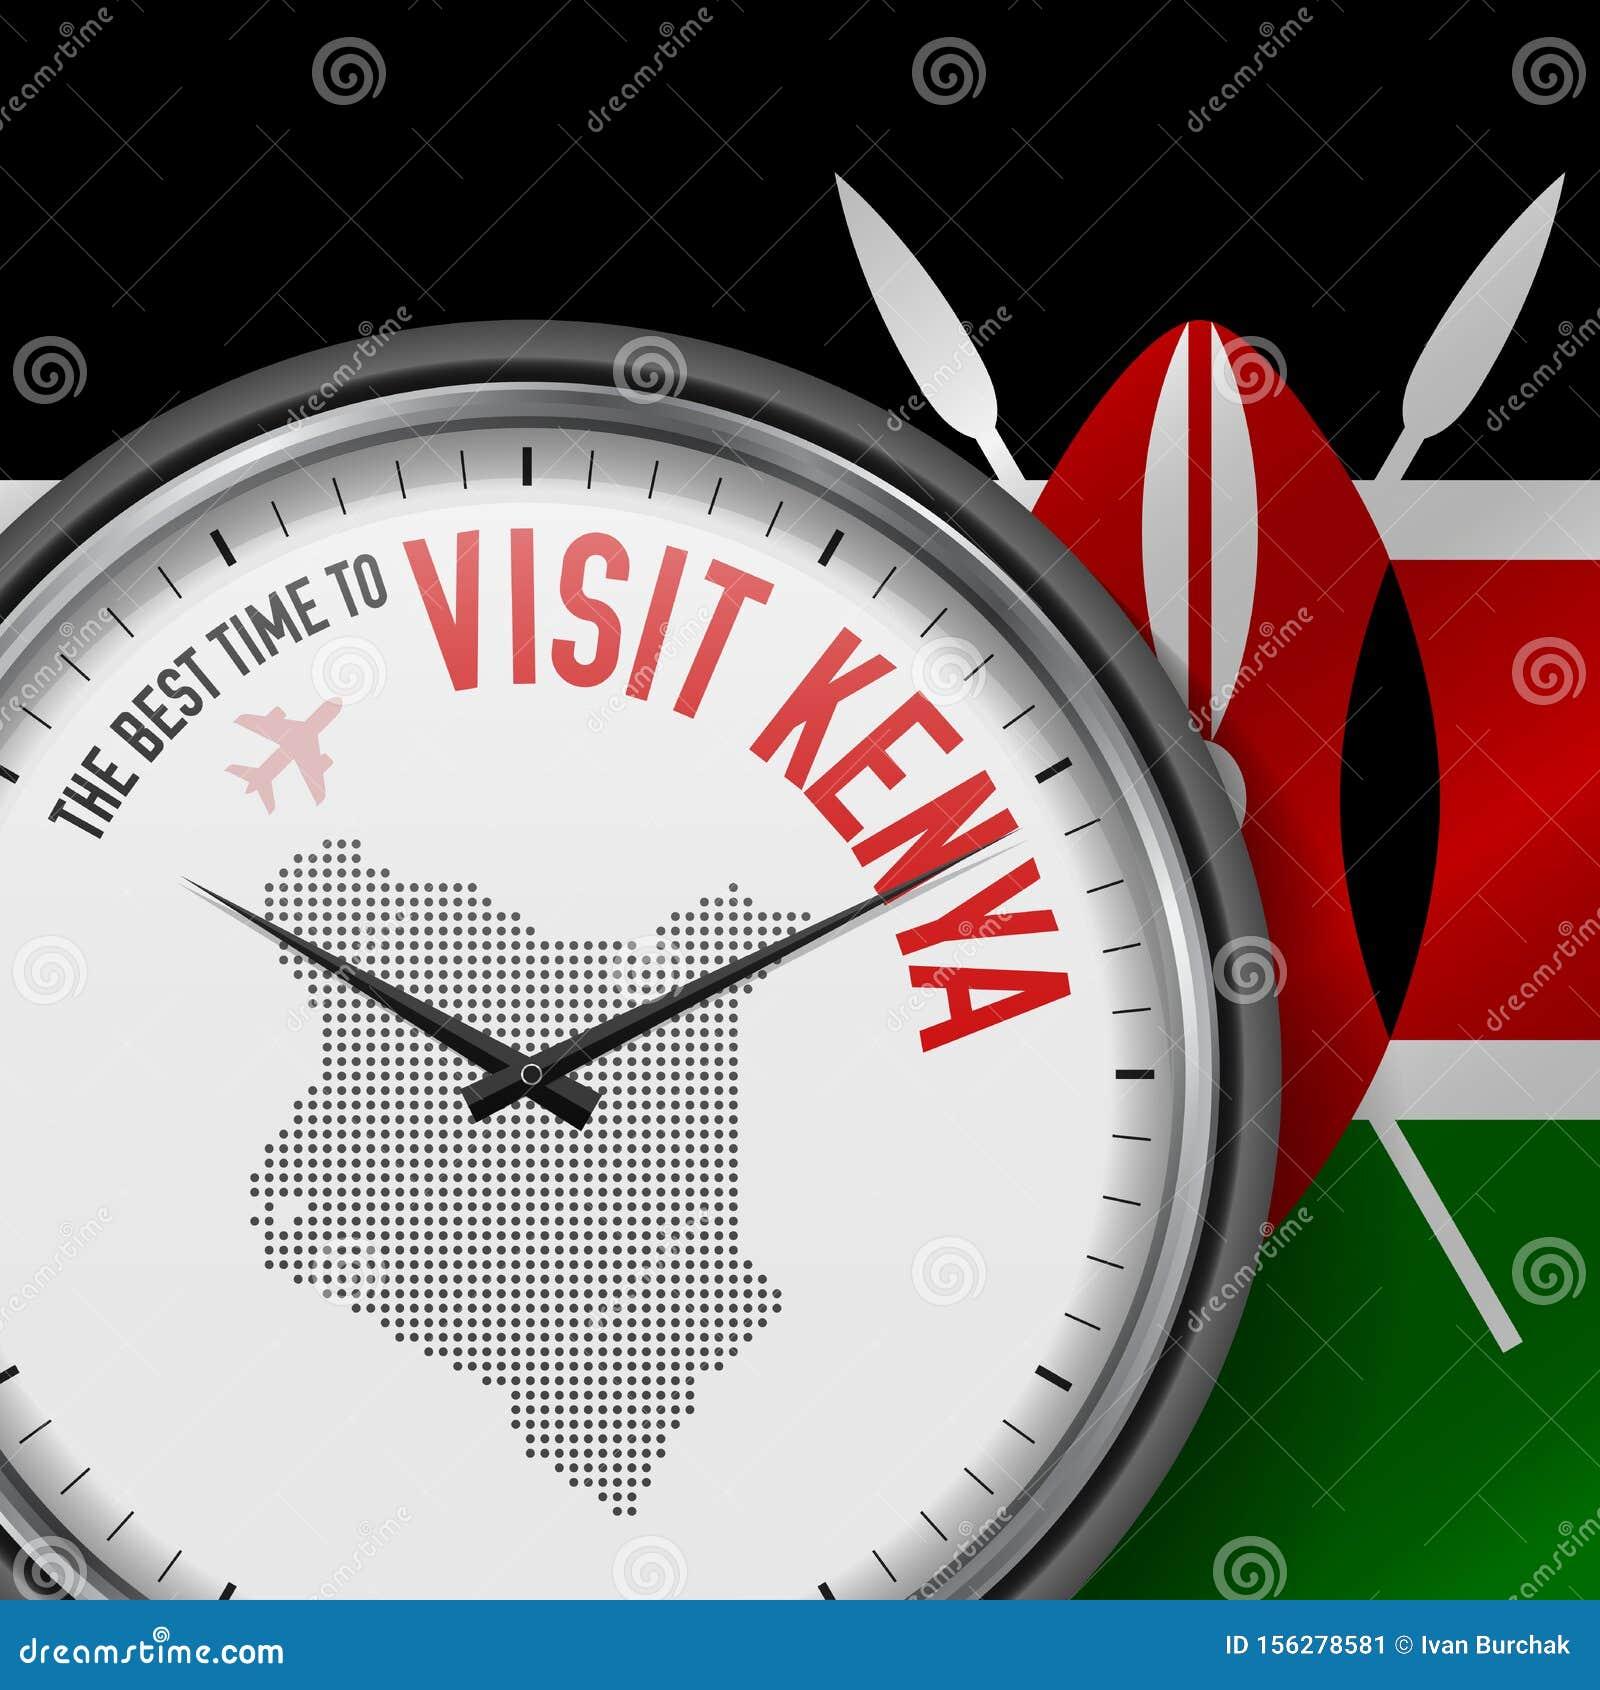 The Best Time to Visit Kenya. Flight, Tour to Kenya. Vector Illustration